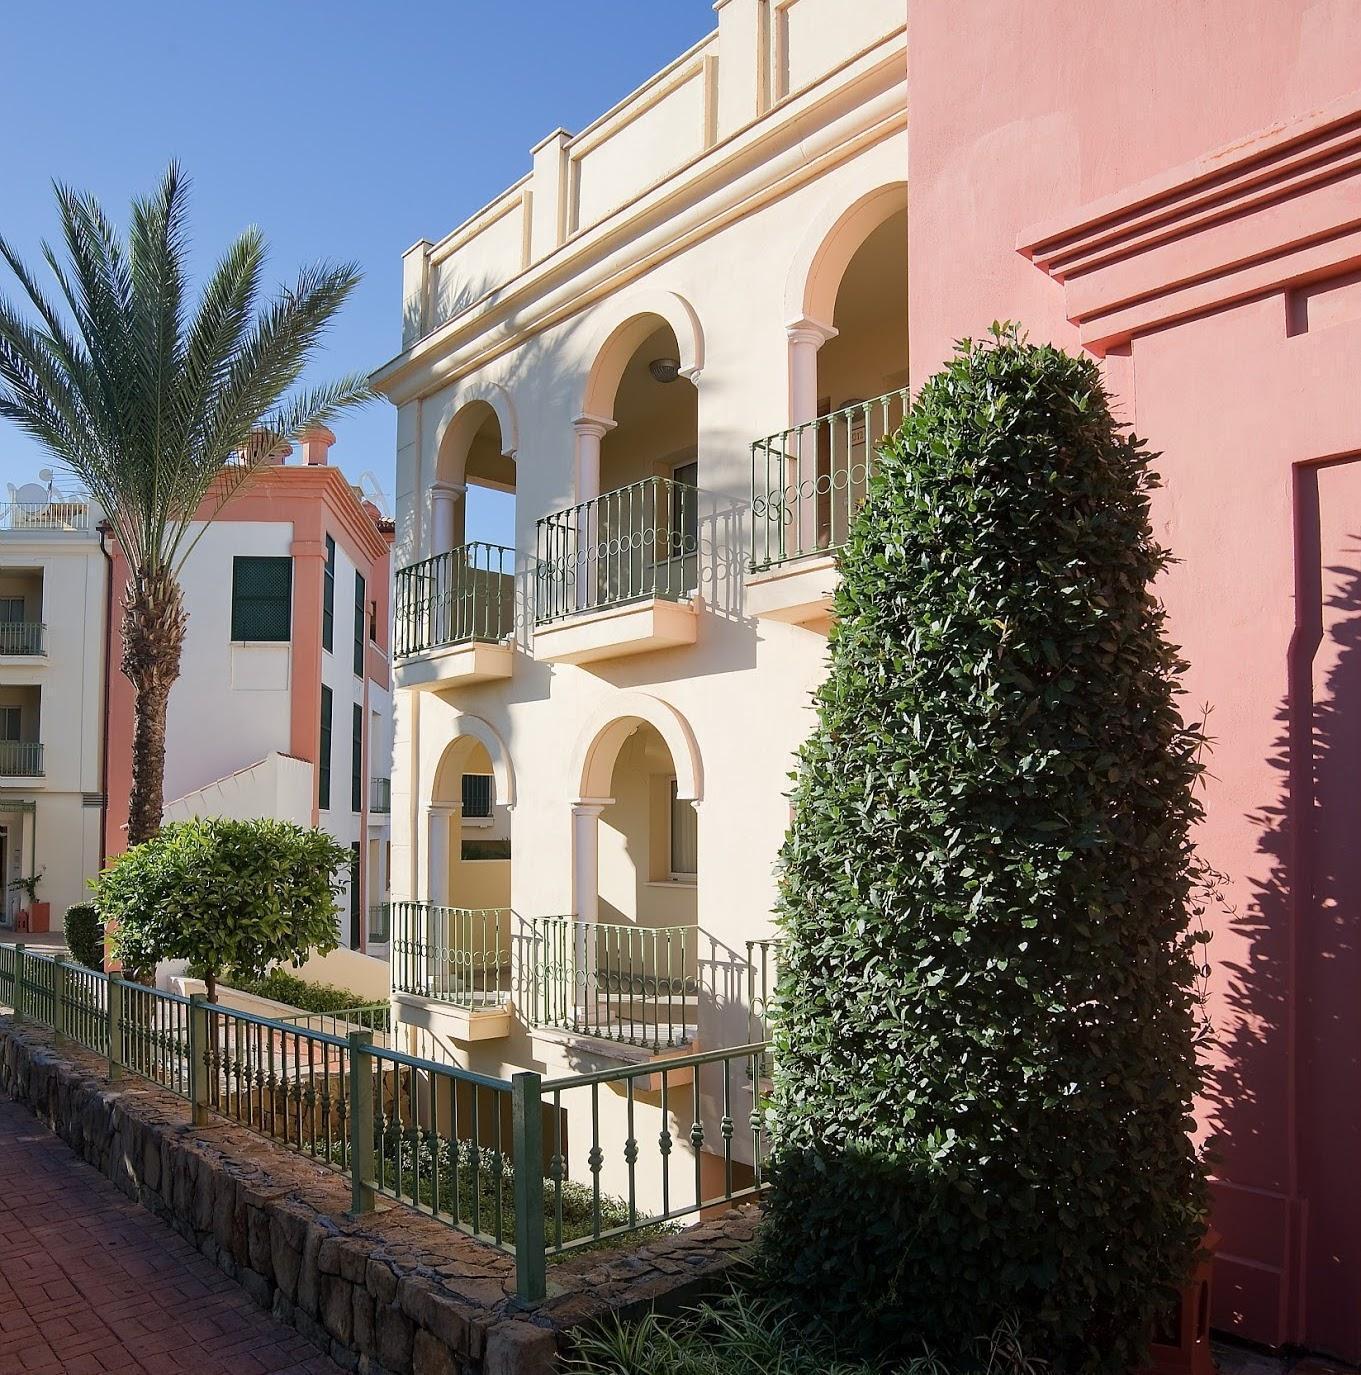 Hotel pierre vacances holiday village terrazas costa del for Hotel barato puerta del sol